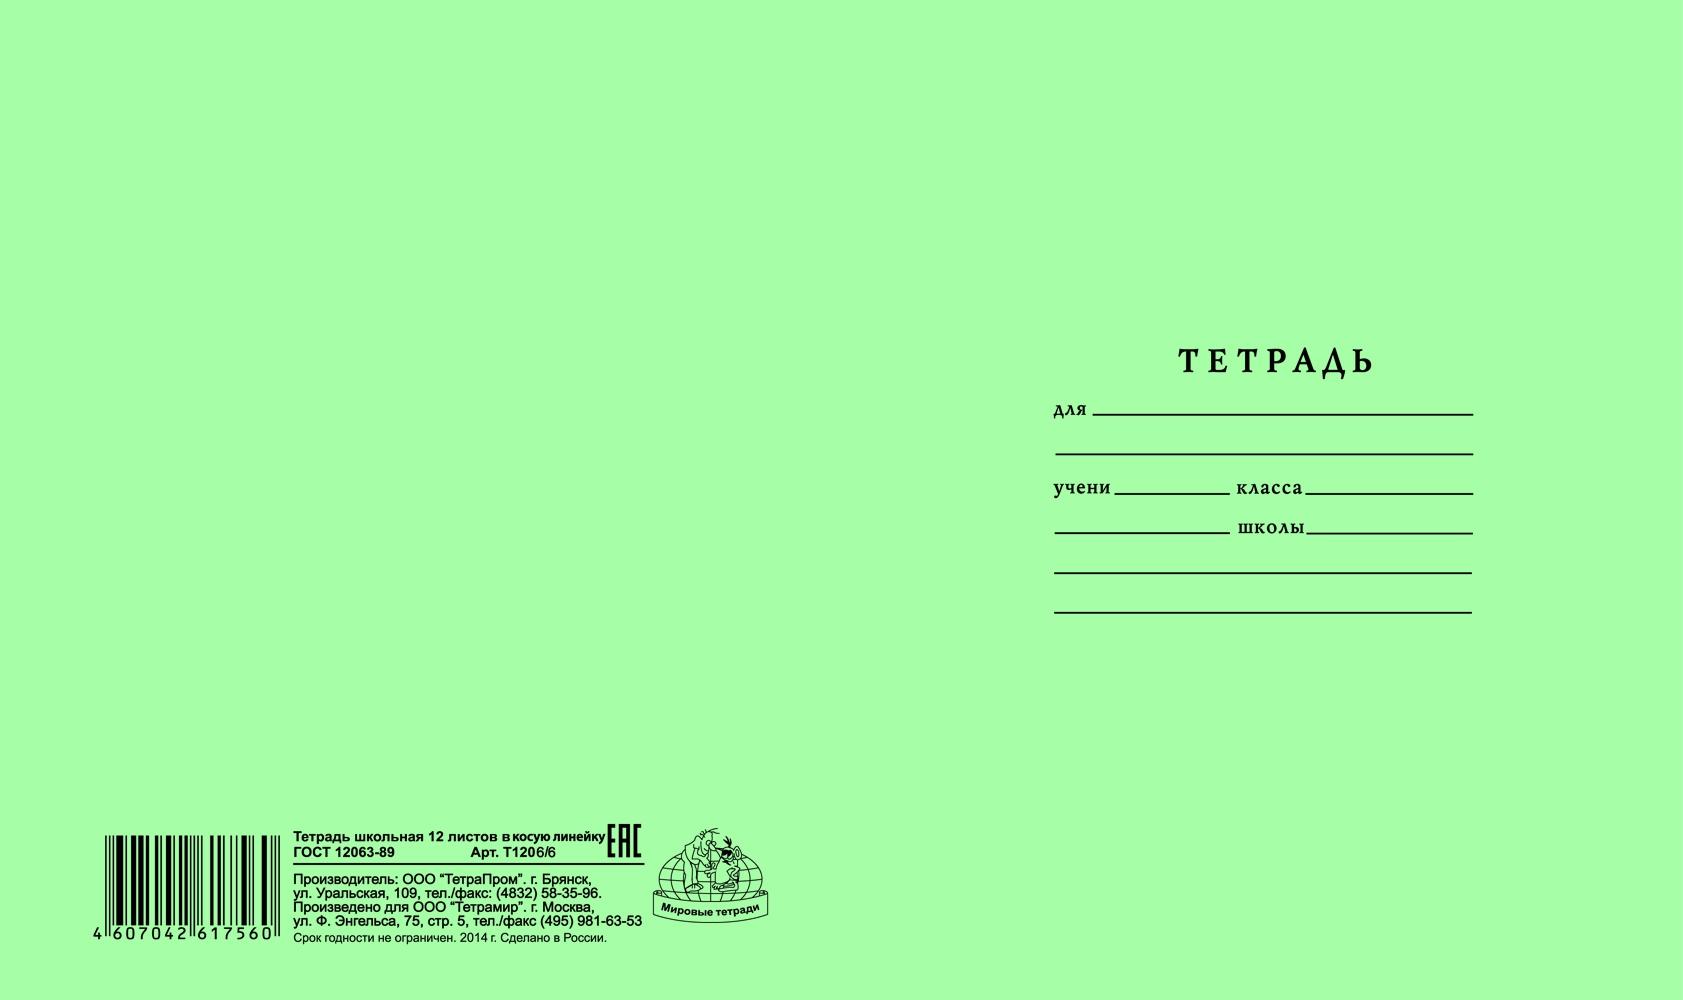 Купить Тетради, дневники, Тетрадь в косую линейку ТетраПром 12 листов, Россия, green